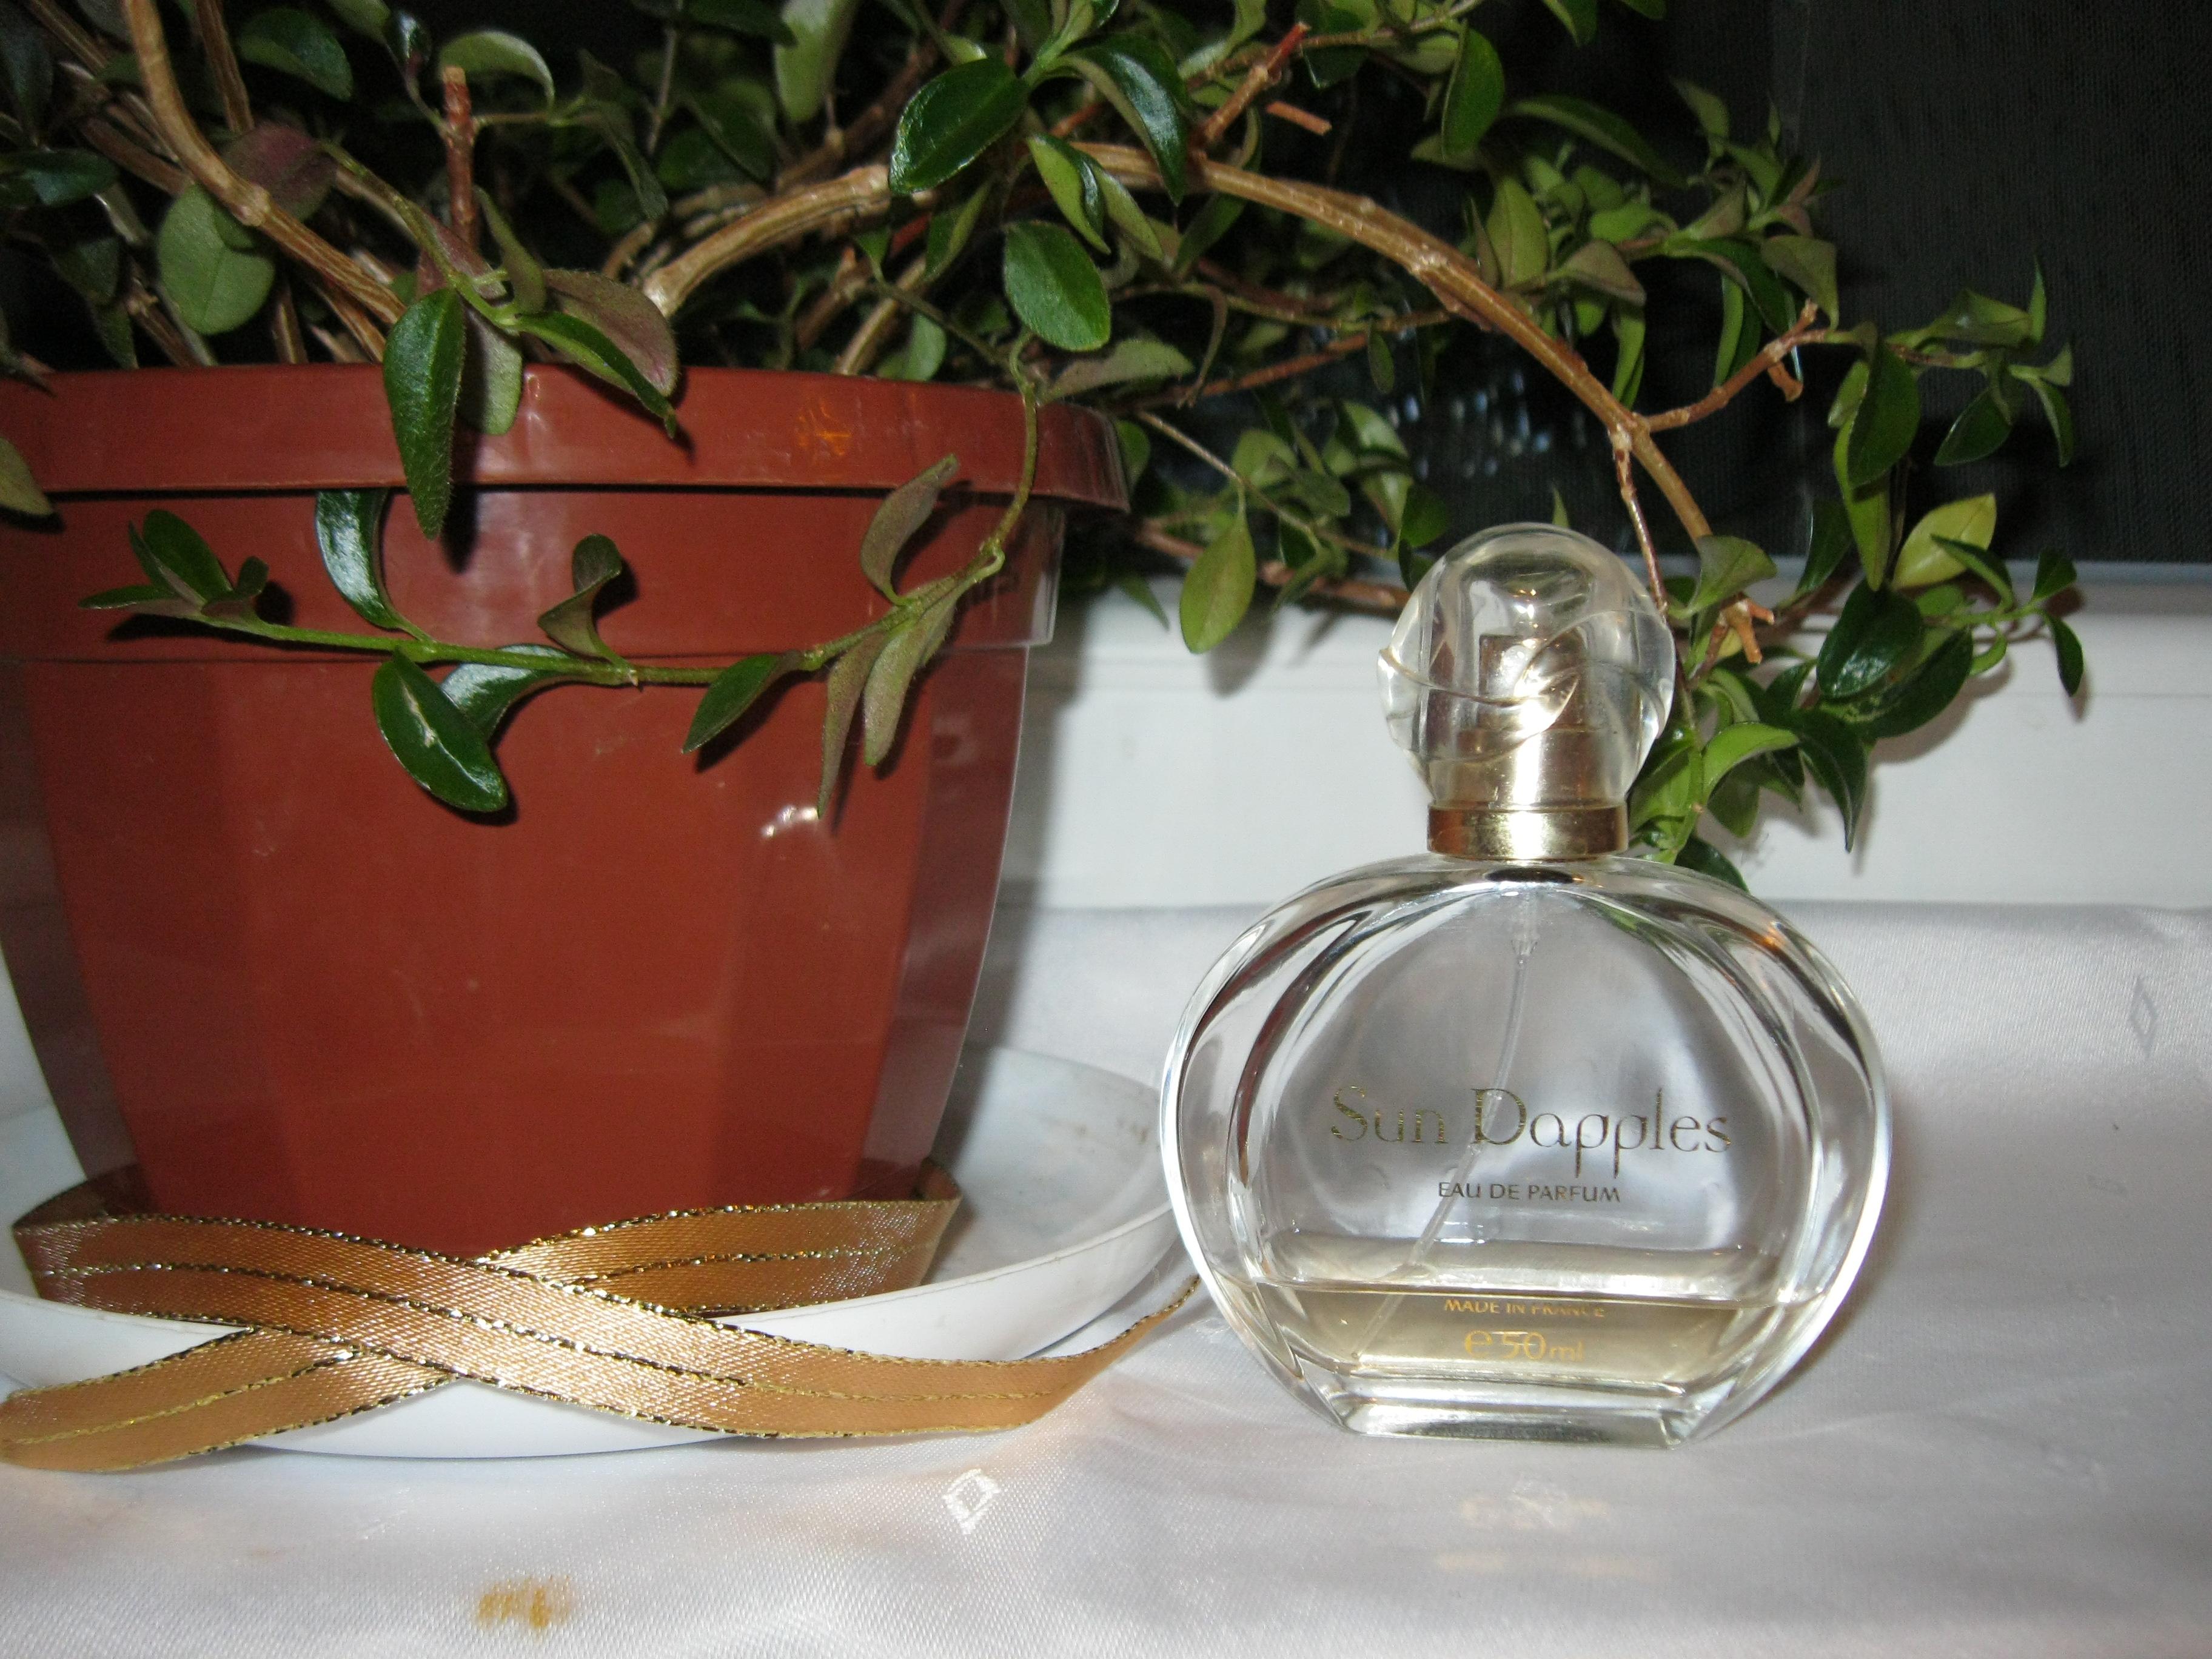 W jaki sposób stosować perfumy?